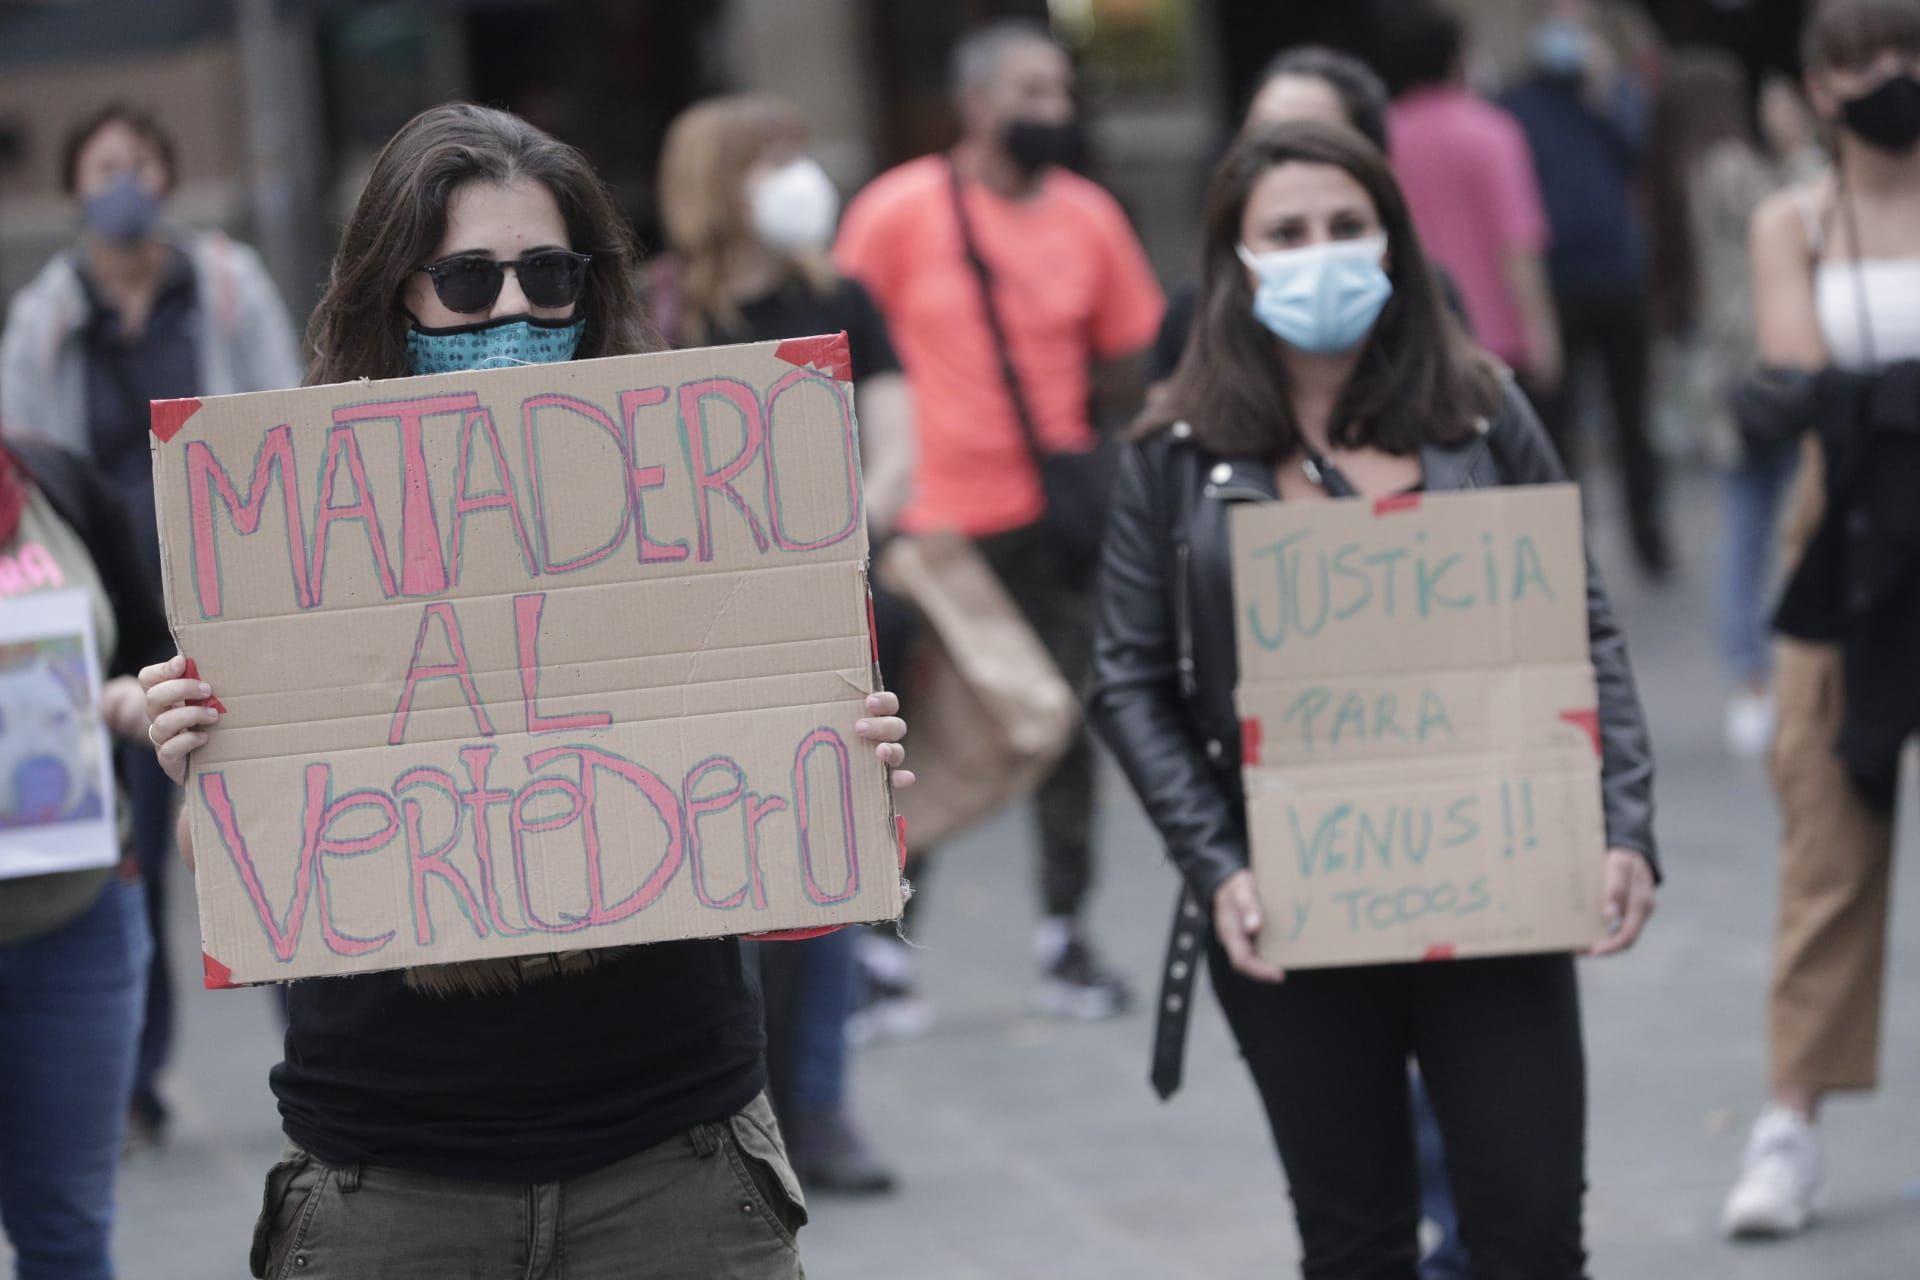 Manifestación en Palma por Venus, la perra pitbull que murió desangrada en Son Reus